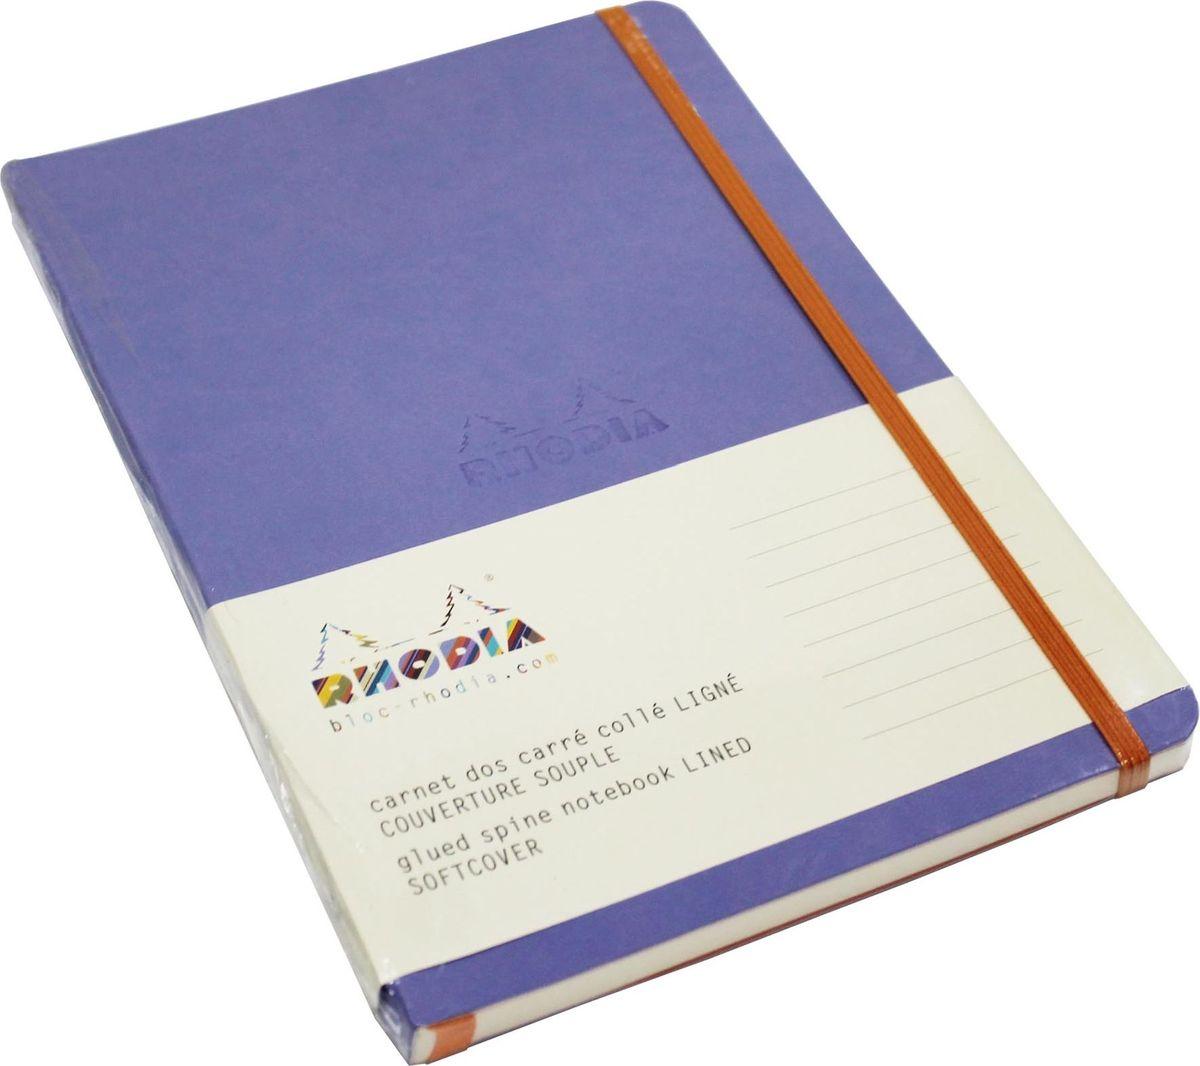 Rhodia Записная книжка 80 листов в линейку цвет светло-фиолетовый117409СЗаписная книжка в мягком переплете прекрасно подойдет для любых целей- для фиксирования важных событий или ведения личного дневника. Яркие светло-сиреневые тона задают ему прекрасный внешний вид. Обложка - искусственная итальянская кожа. Объем записной книжки- 160 страниц в линейку. Также записная книжка Rhodia имеет красивую шелковую закладку и фиксирующую страницы резинку для удобства.